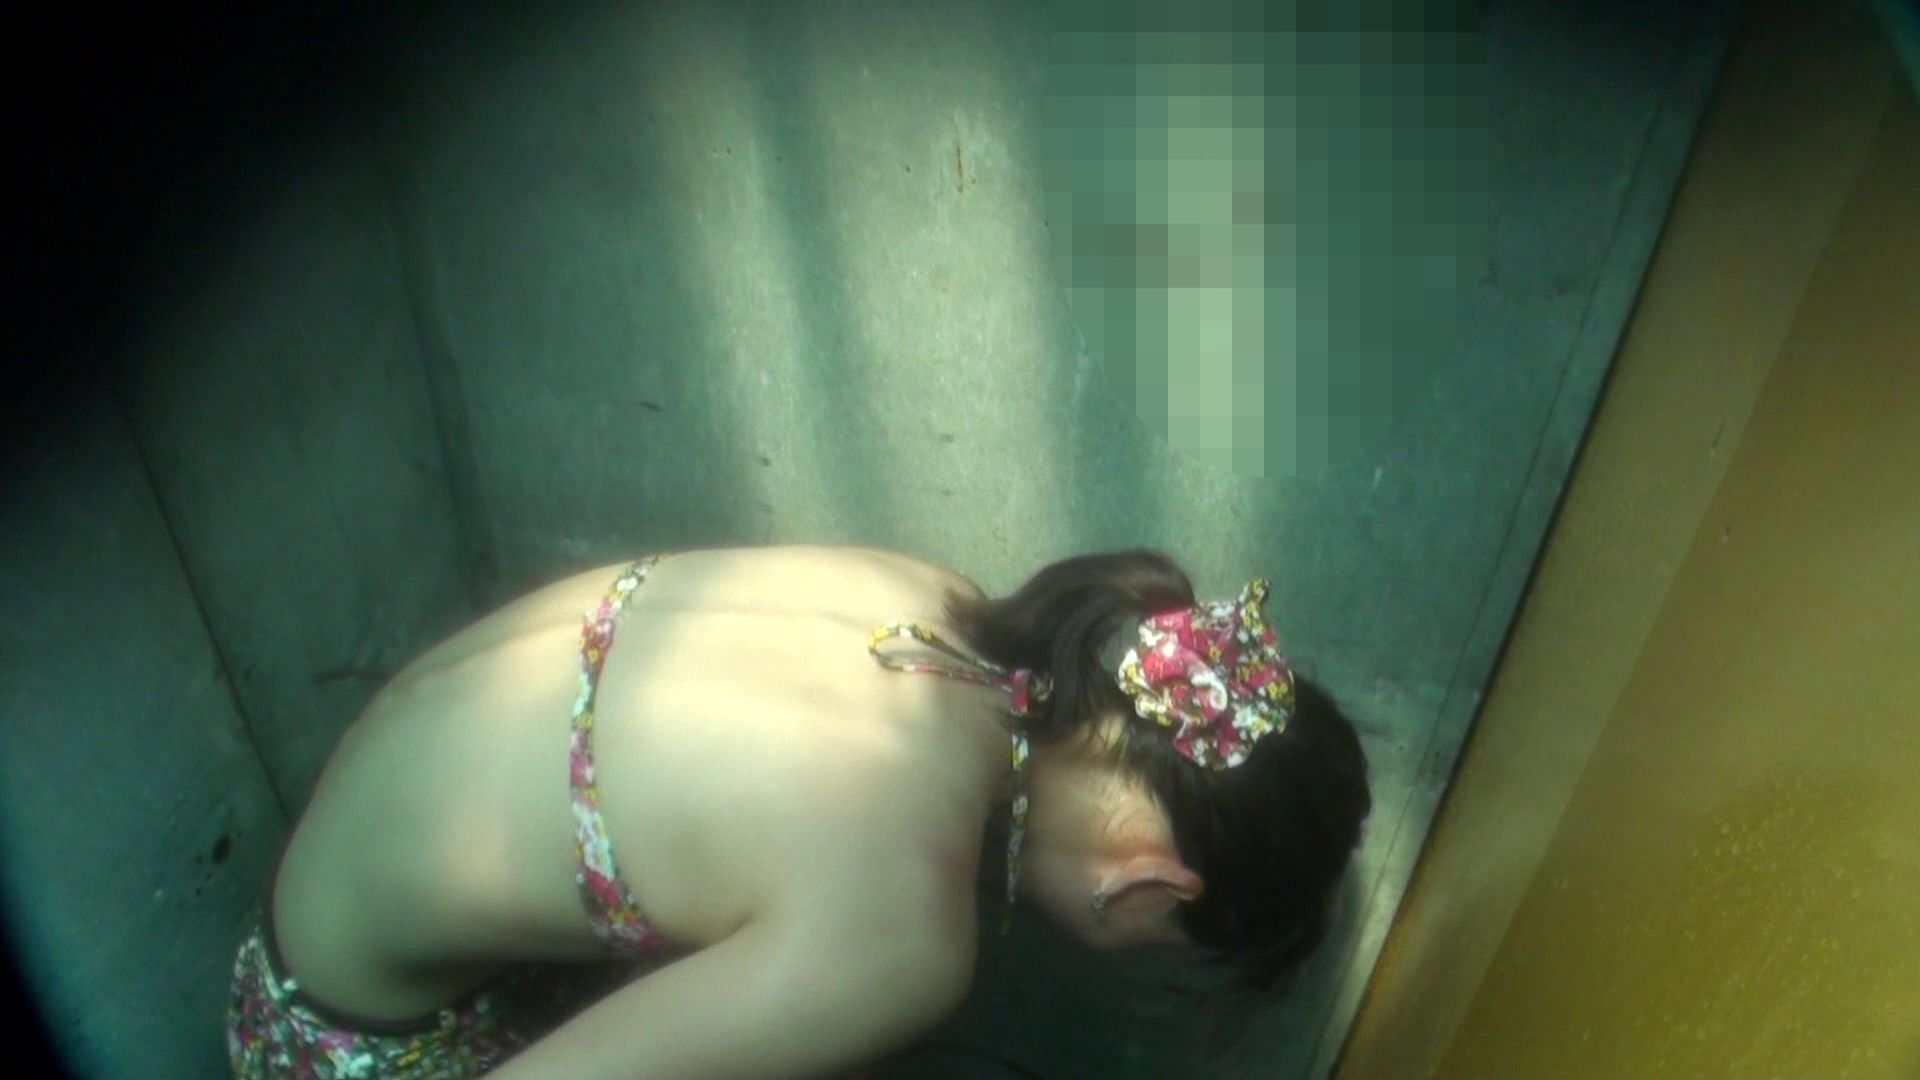 シャワールームは超!!危険な香りVol.16 意外に乳首は年増のそれ シャワー 盗撮オメコ無修正動画無料 61pic 6